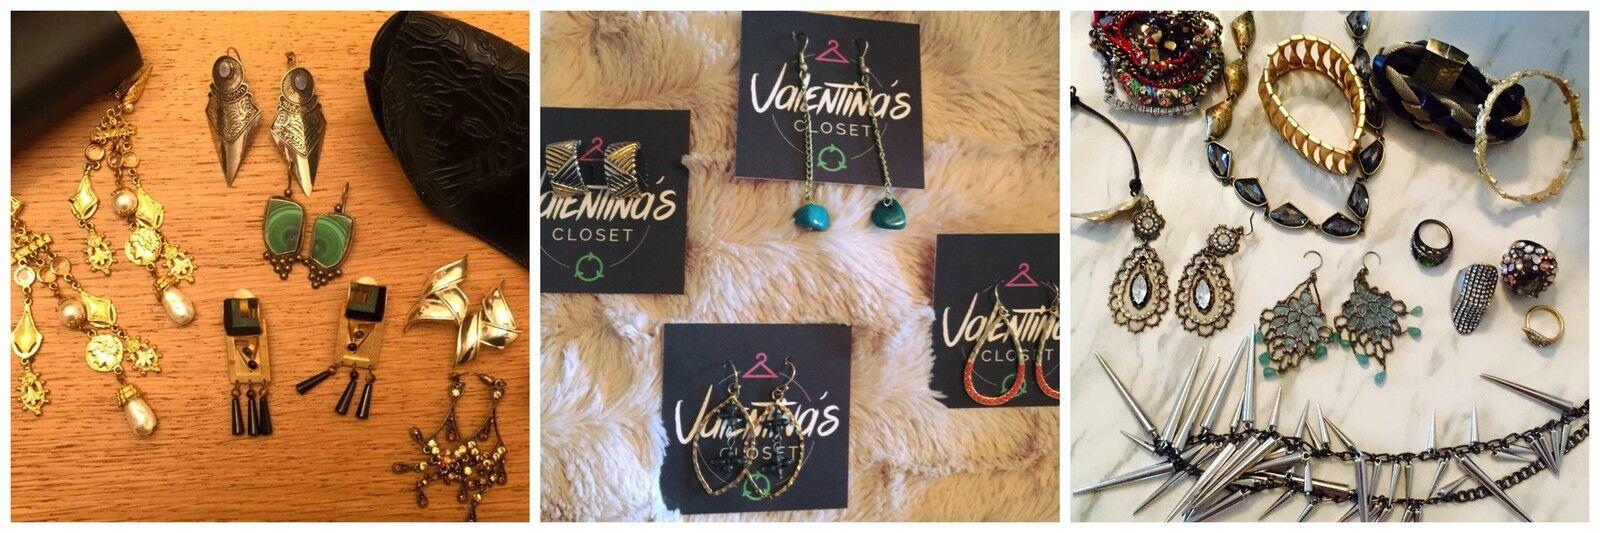 Valentina's Closet